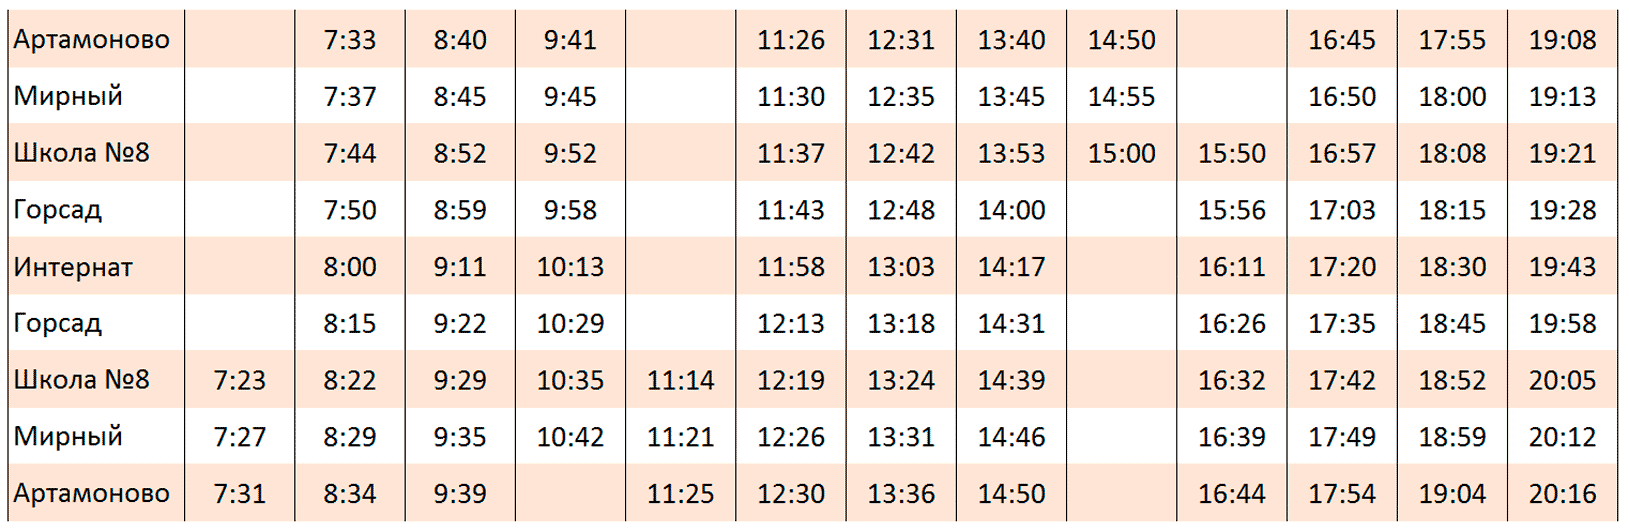 РАсписание движения автобуса Артамоново Интернат Кудымкар